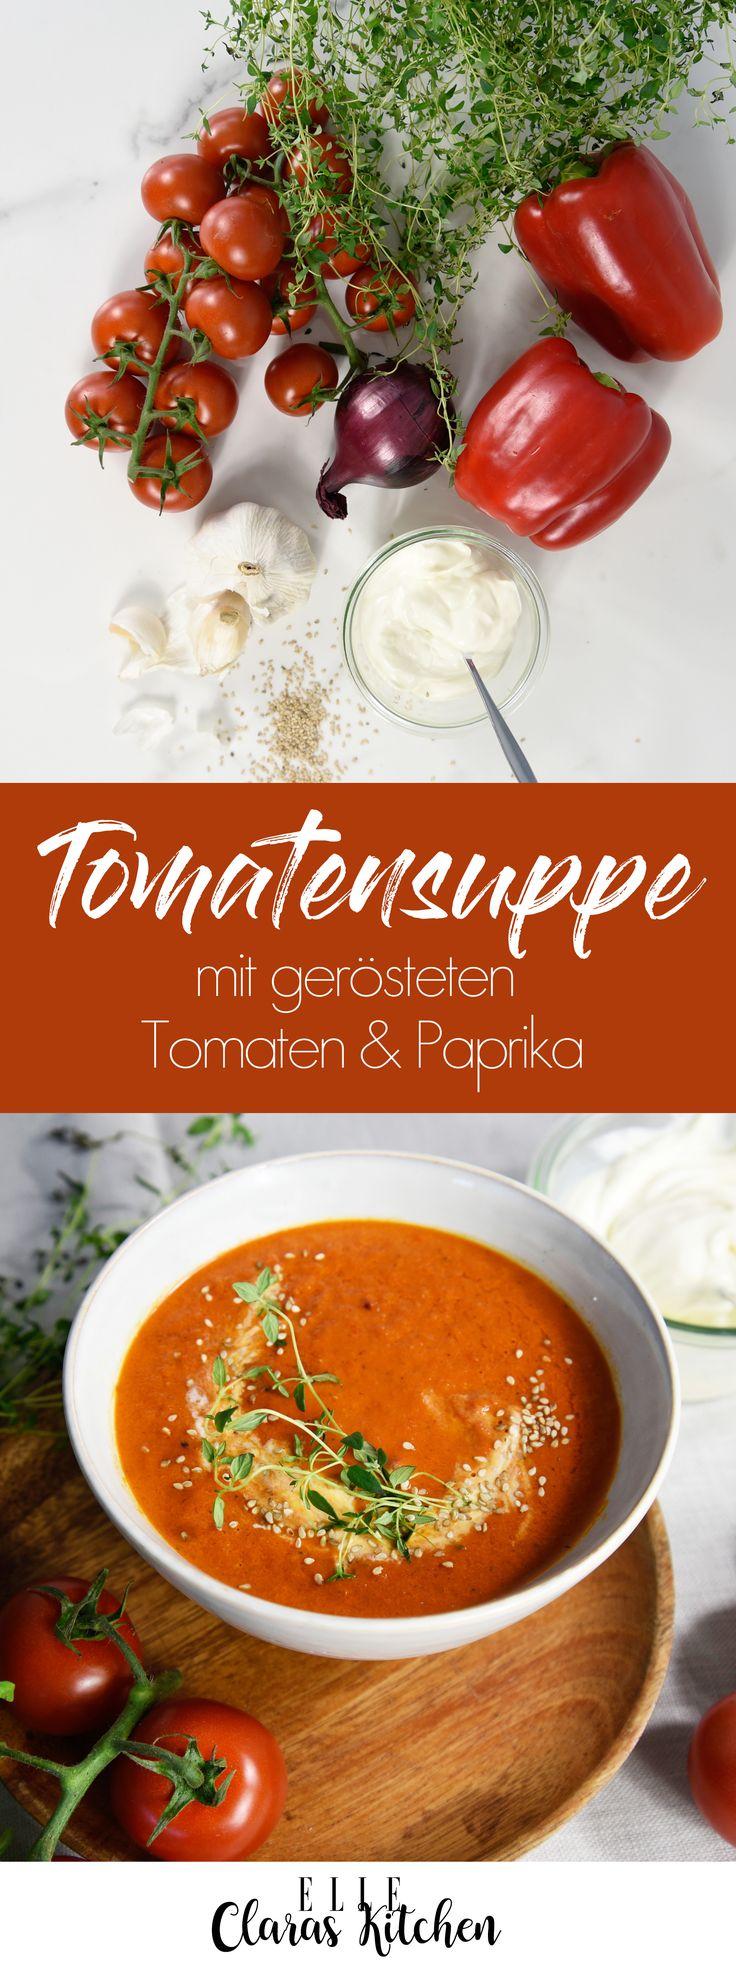 Gesunder Start ins neue Jahr: Tomaten-Paprika-Suppe – Hildegard Saul